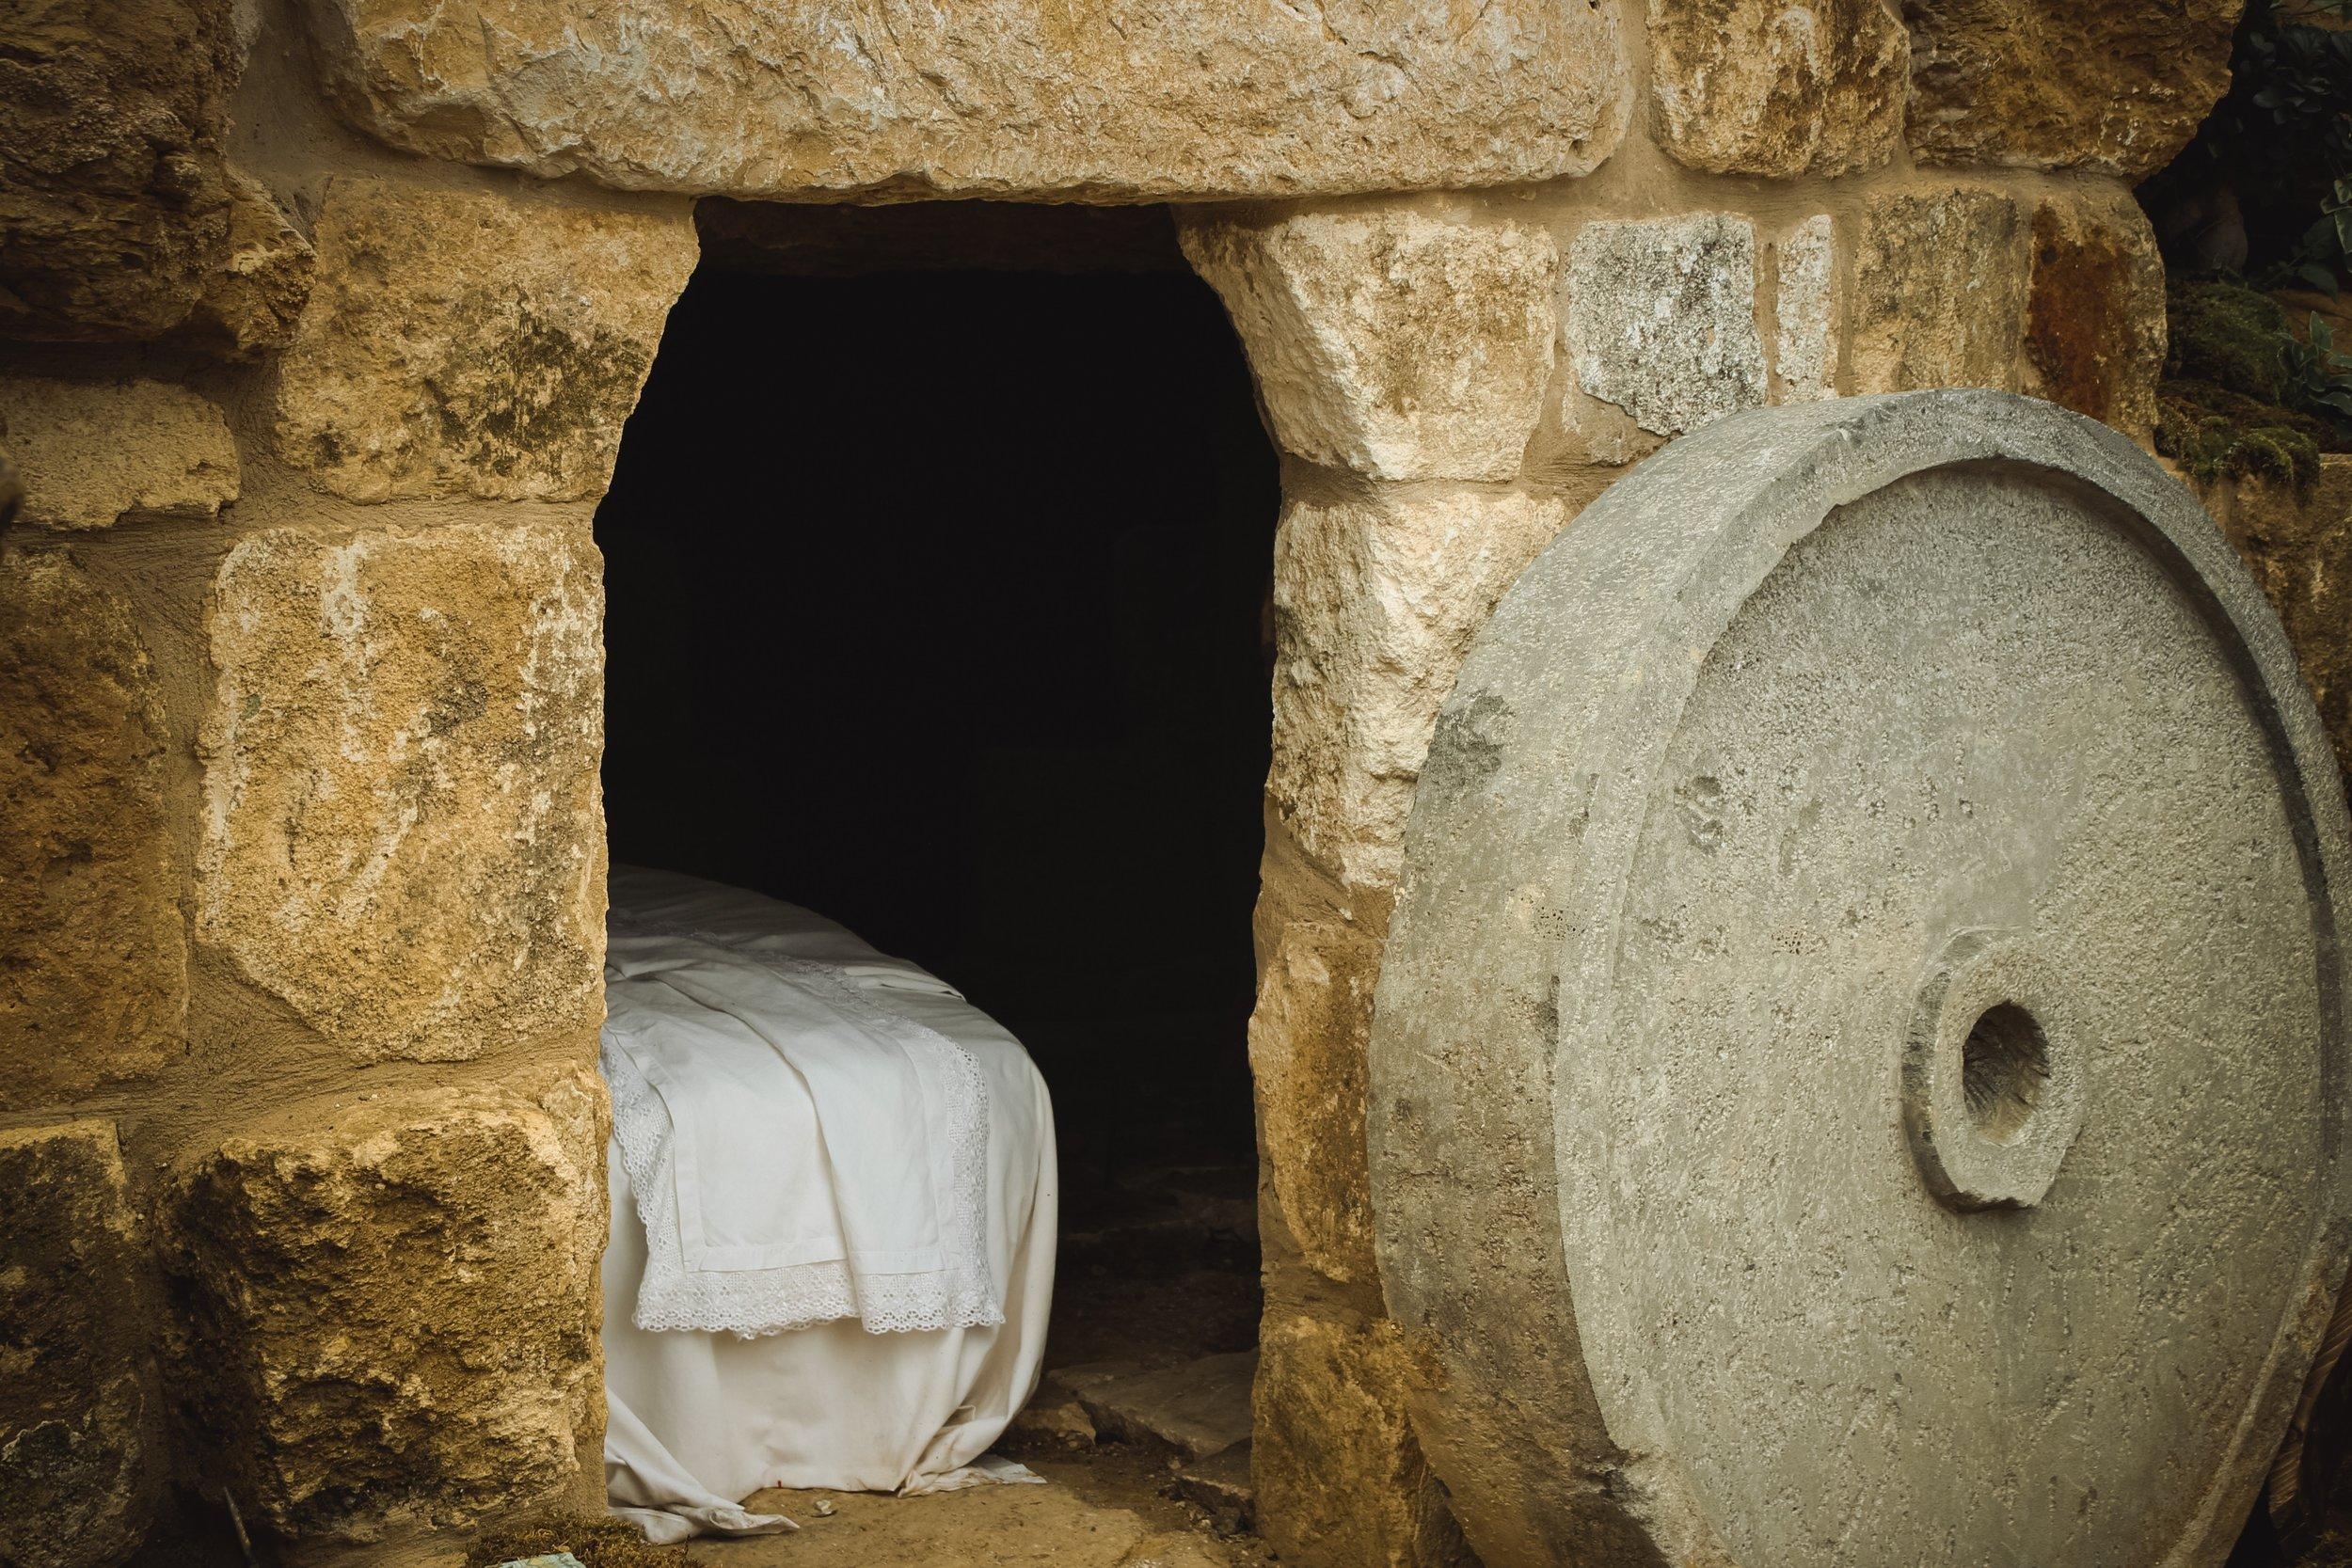 2019.04.21_Hope in the Resurrection_Maryann Flynn.jpg